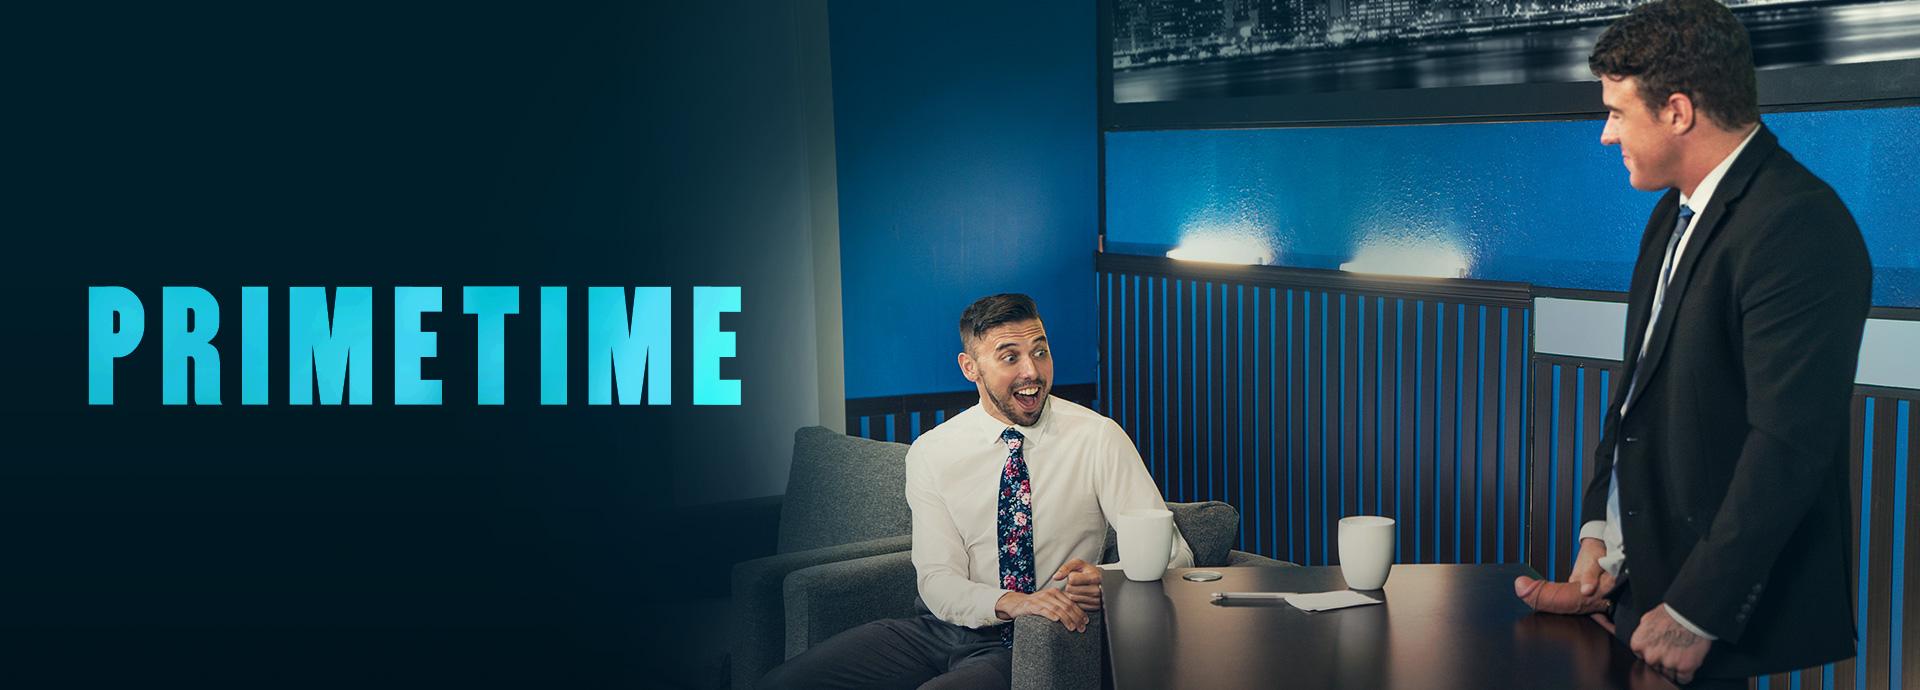 Men Prime Time